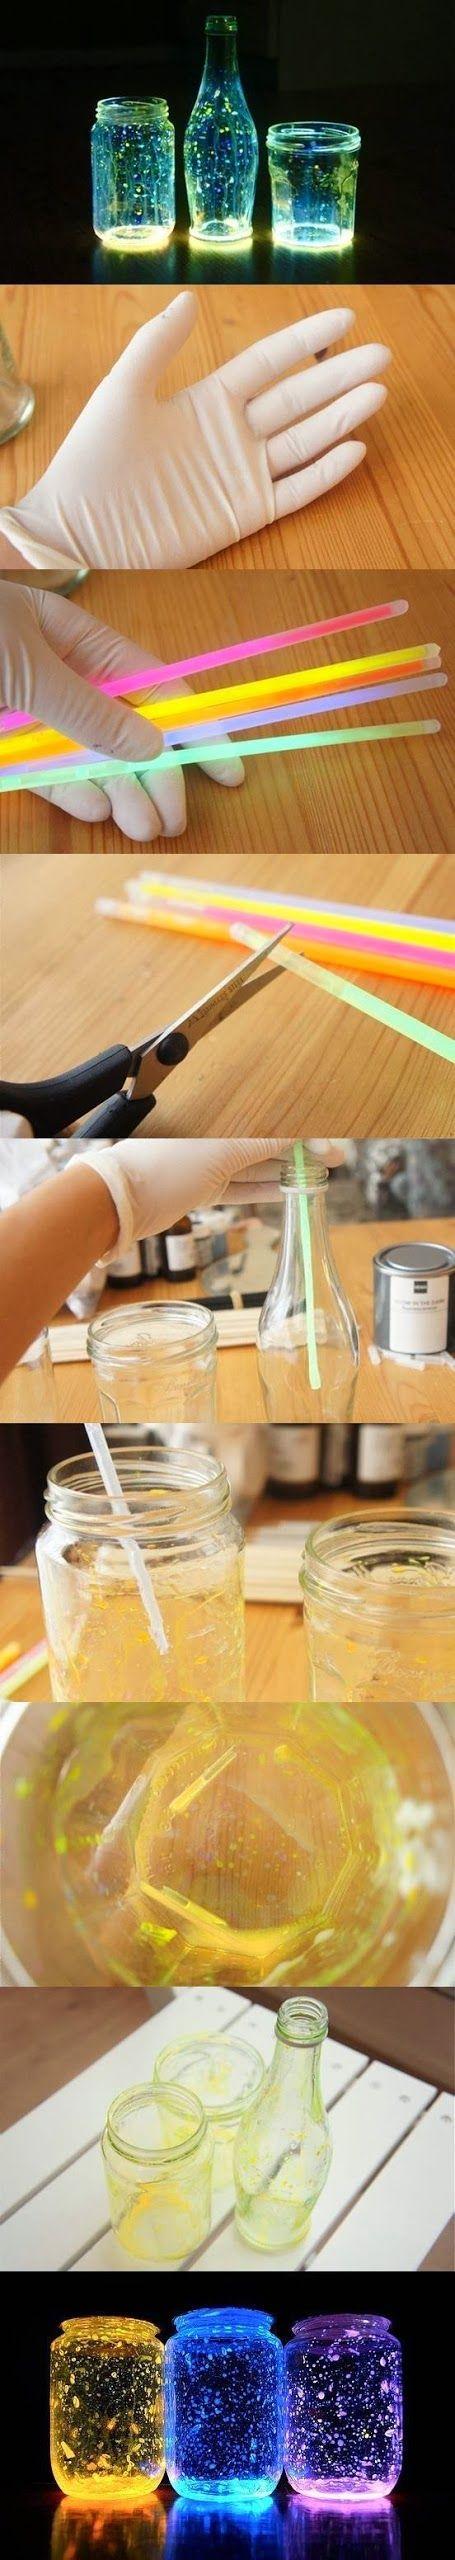 Prendre des pots de confitures, des bat et lumineux, les ouvrir, puis mettre le liquides dedans, puis refermer le couvercles, bien sûr décorés également.